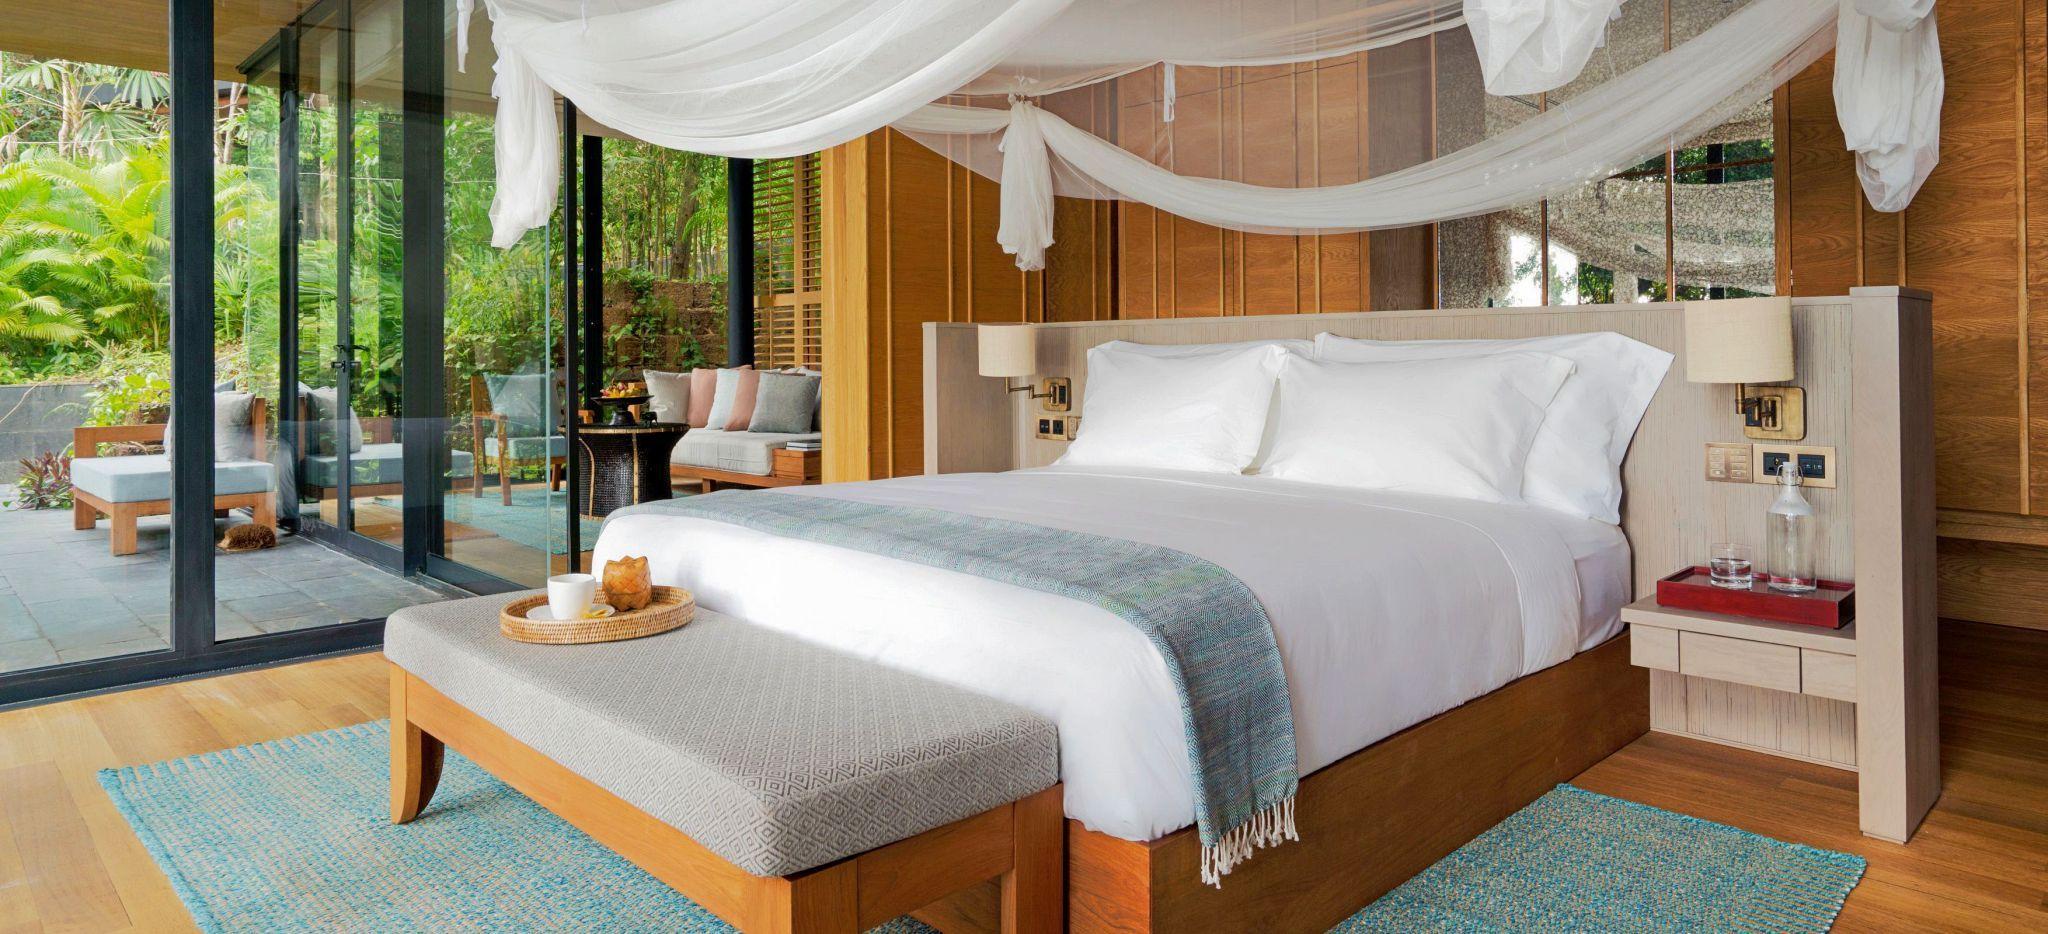 Bett vor einer Glasfront, durch die der Dschungel sichtbar ist, Hotelzimmer Ocean Pool Villa Suite im Hote Six Senses Krabey Island